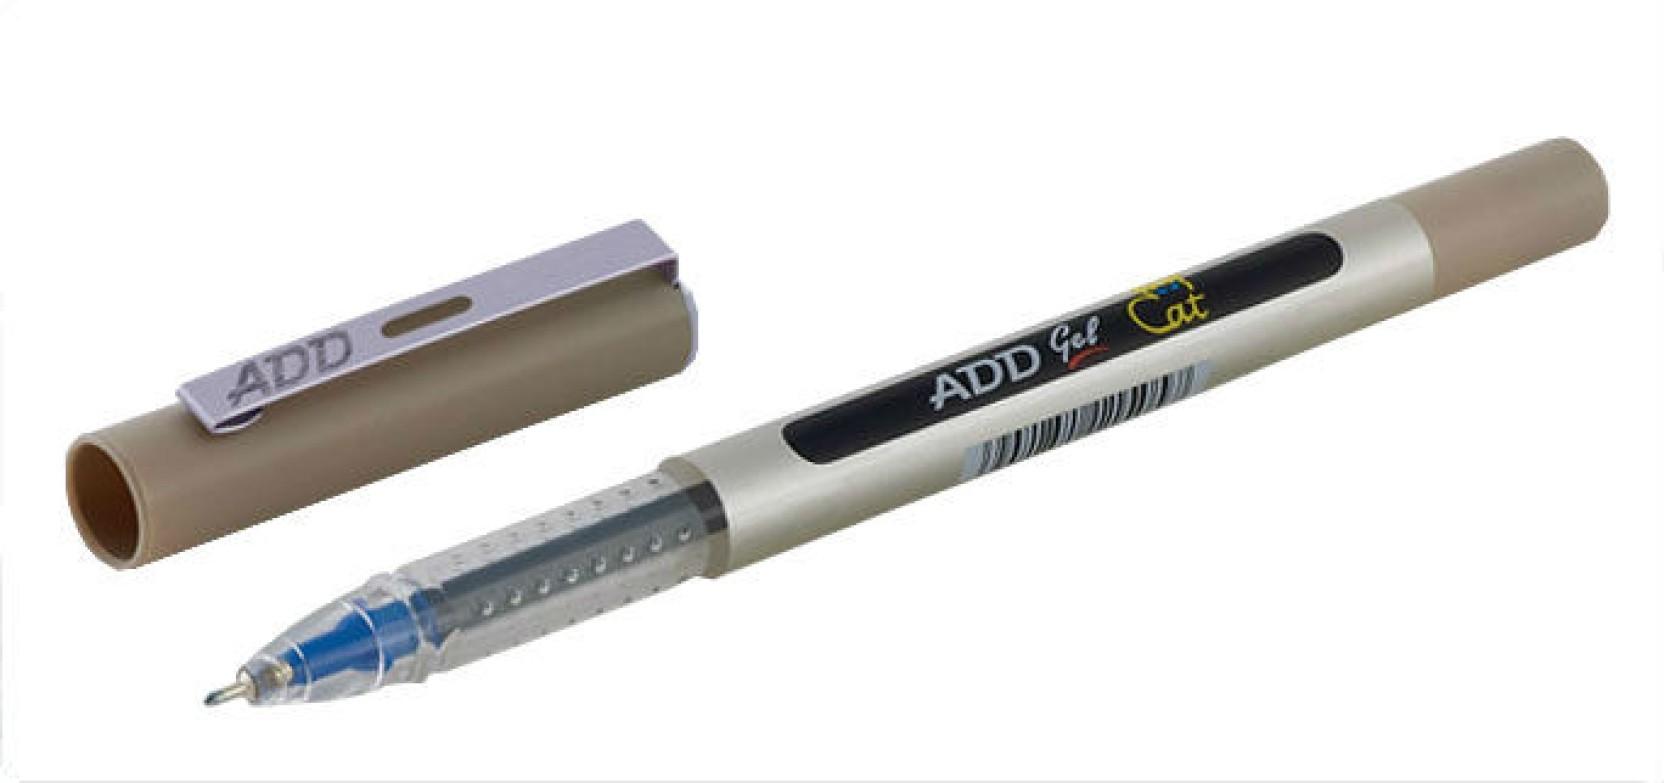 Add Gel Cat Pack Of 2 Gel Pen Buy Add Gel Cat Pack Of